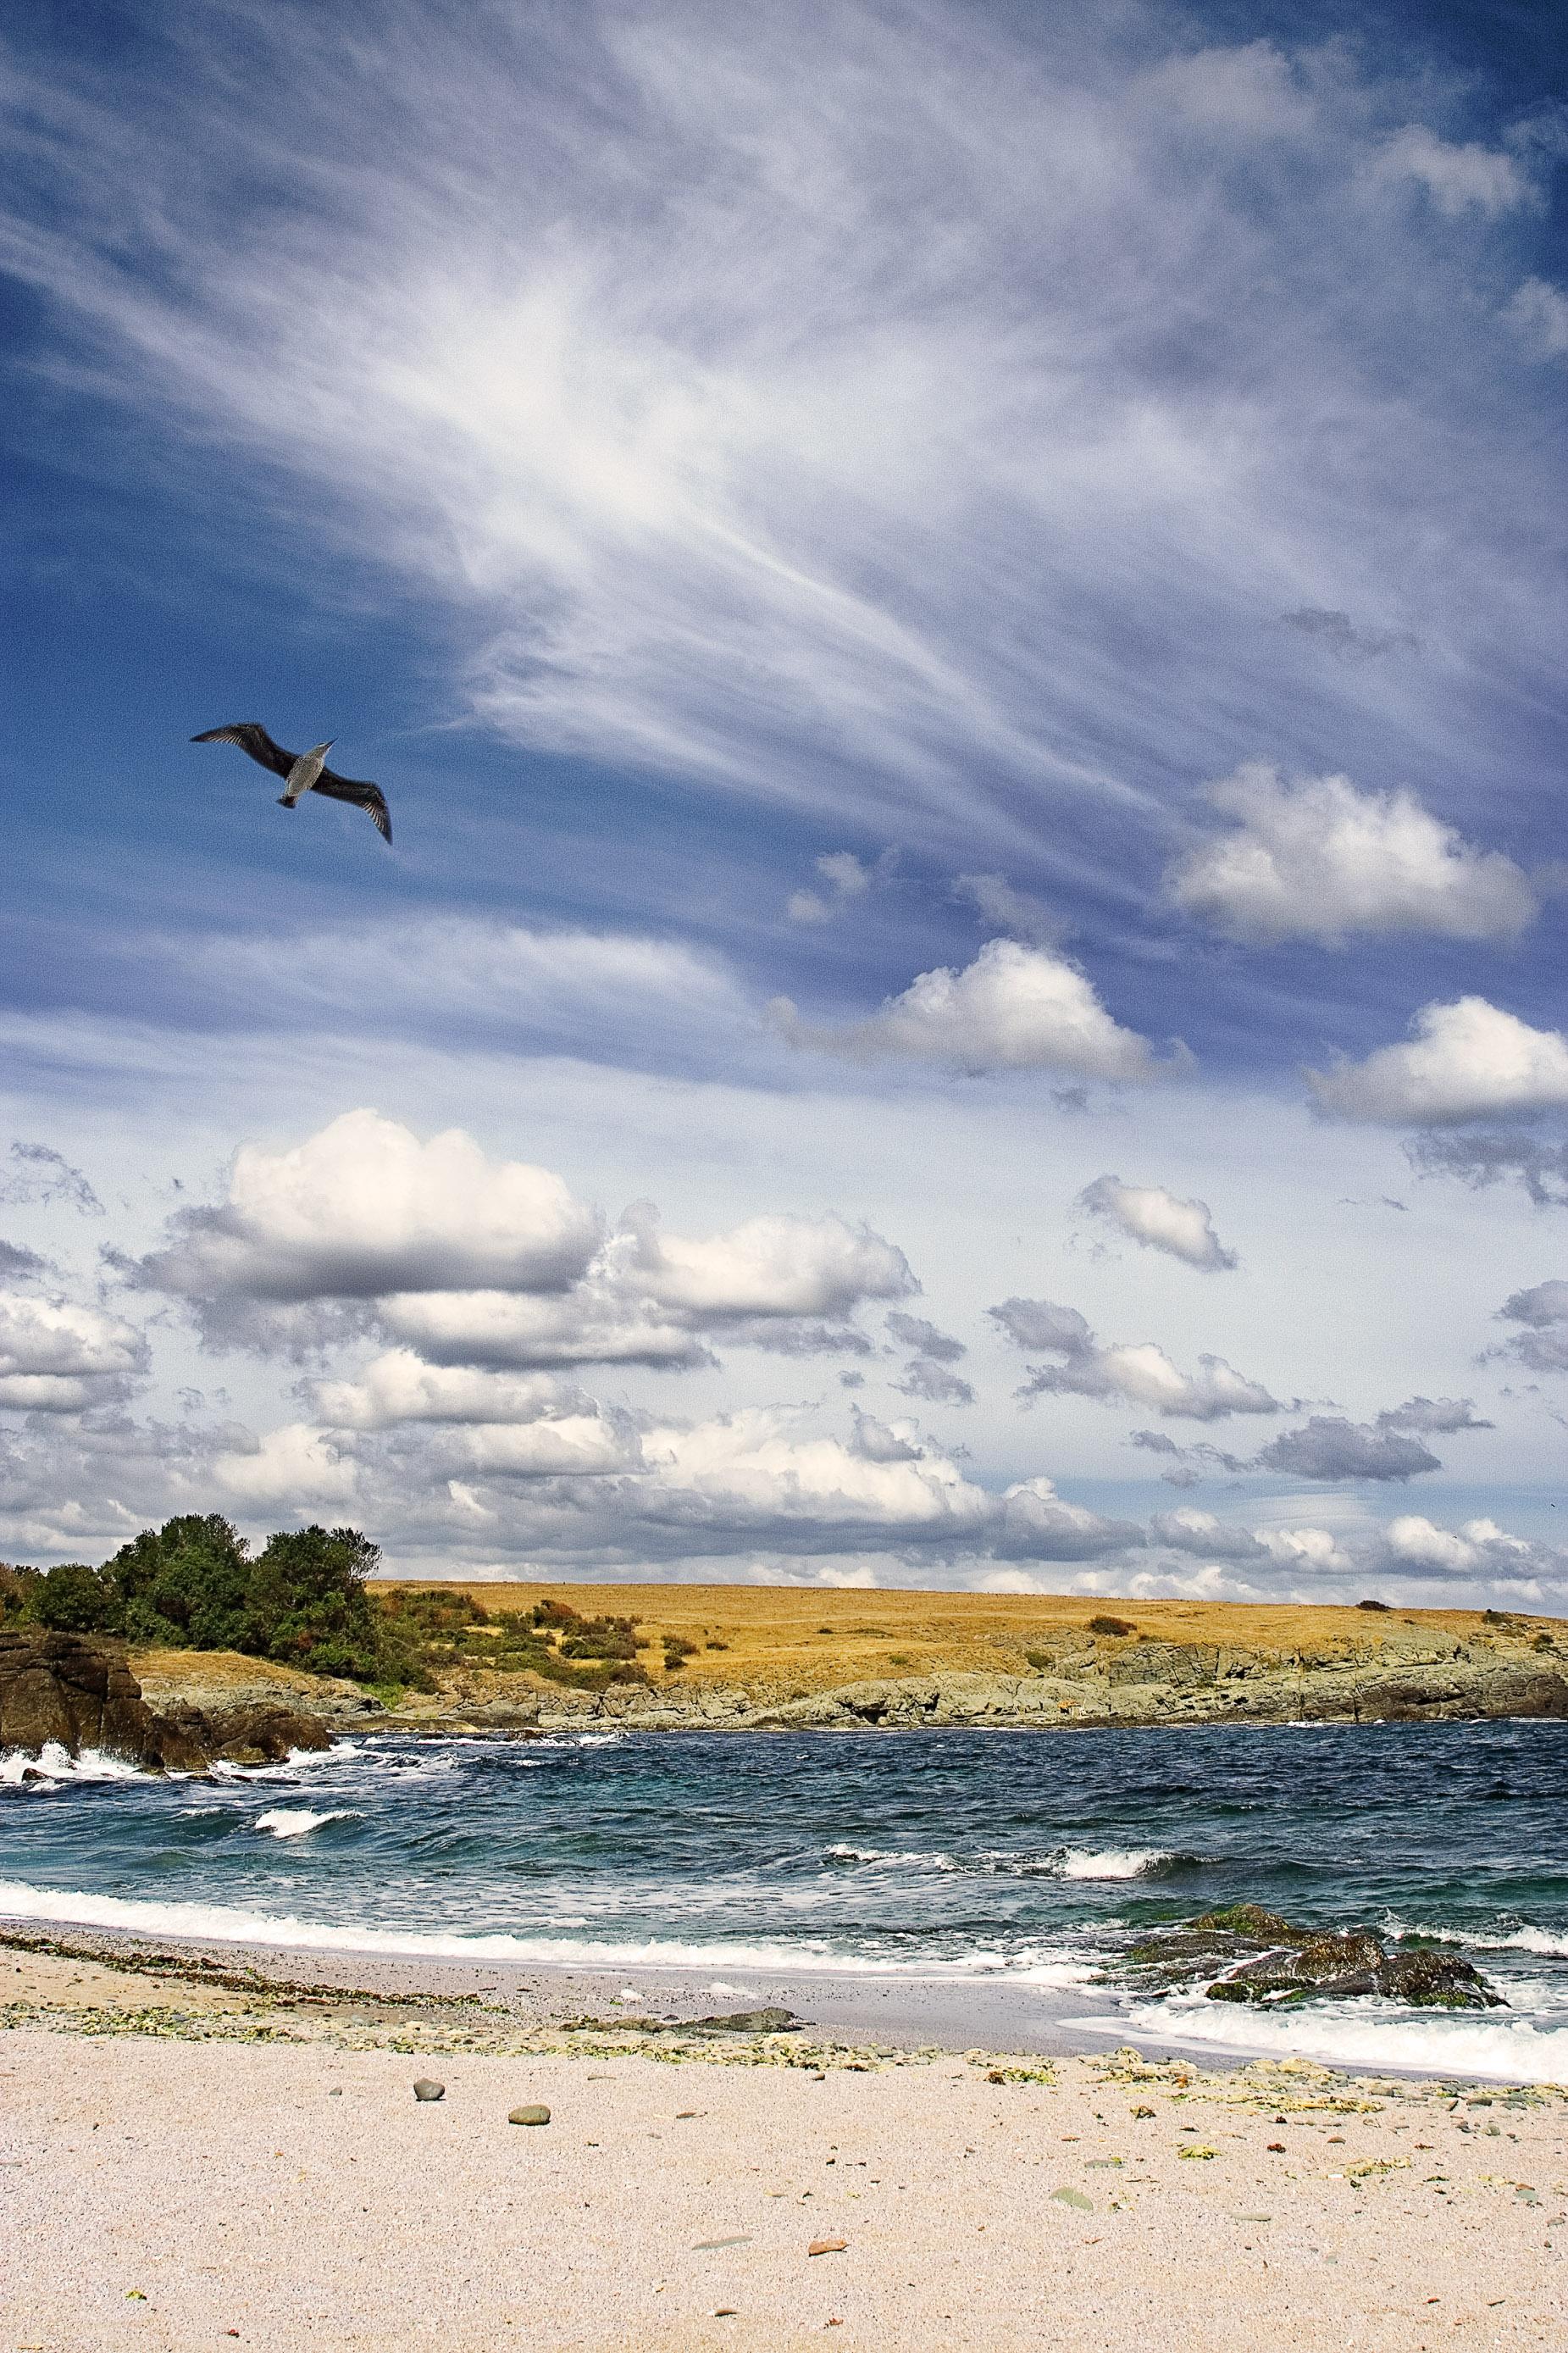 The endless summer..., Beach, Blue, Bspo06, Clouds, HQ Photo